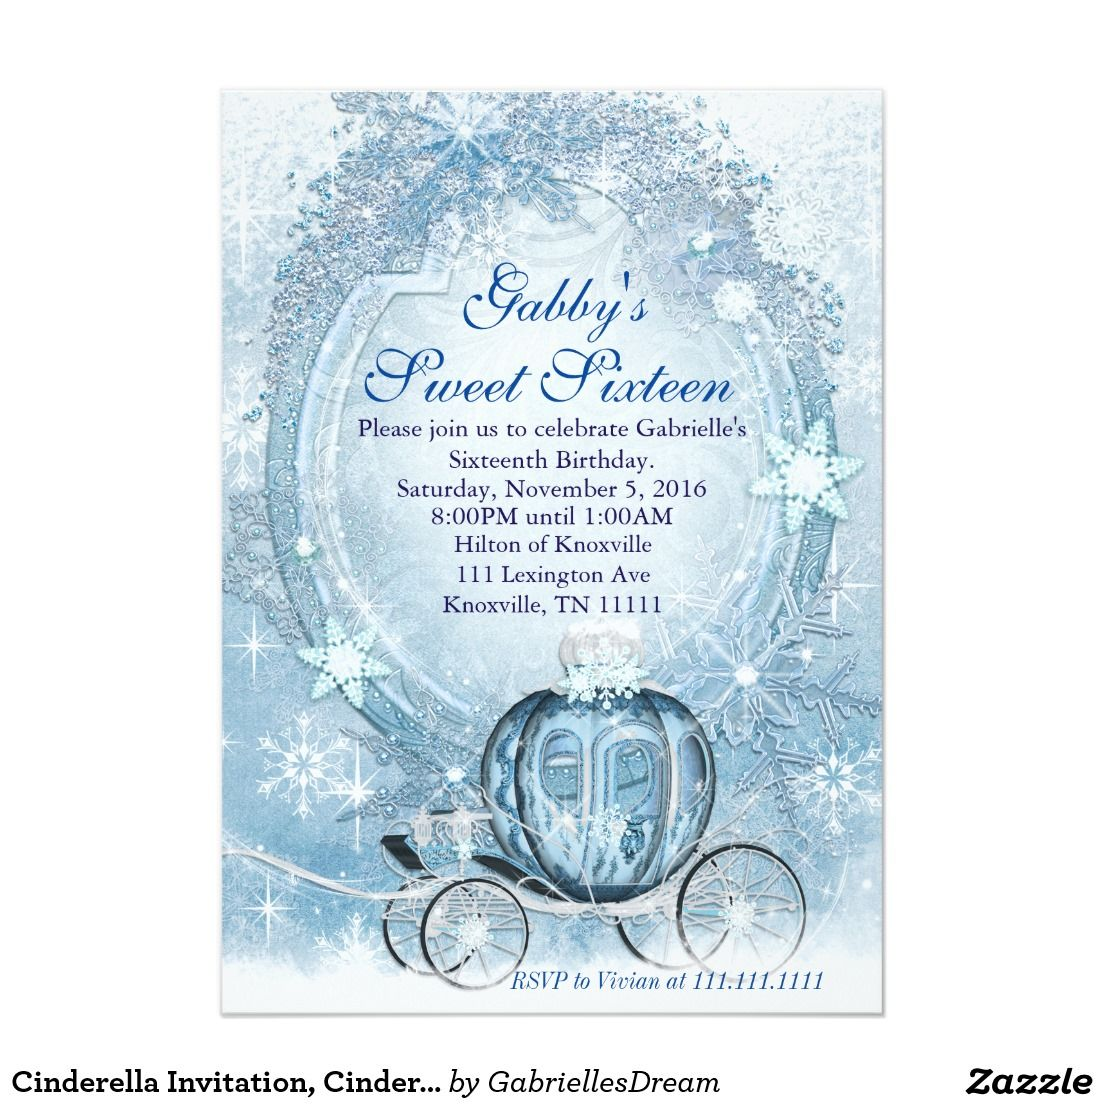 Cinderella Invitation, Cinderella Sweet Sixteen Card | Sweet ...